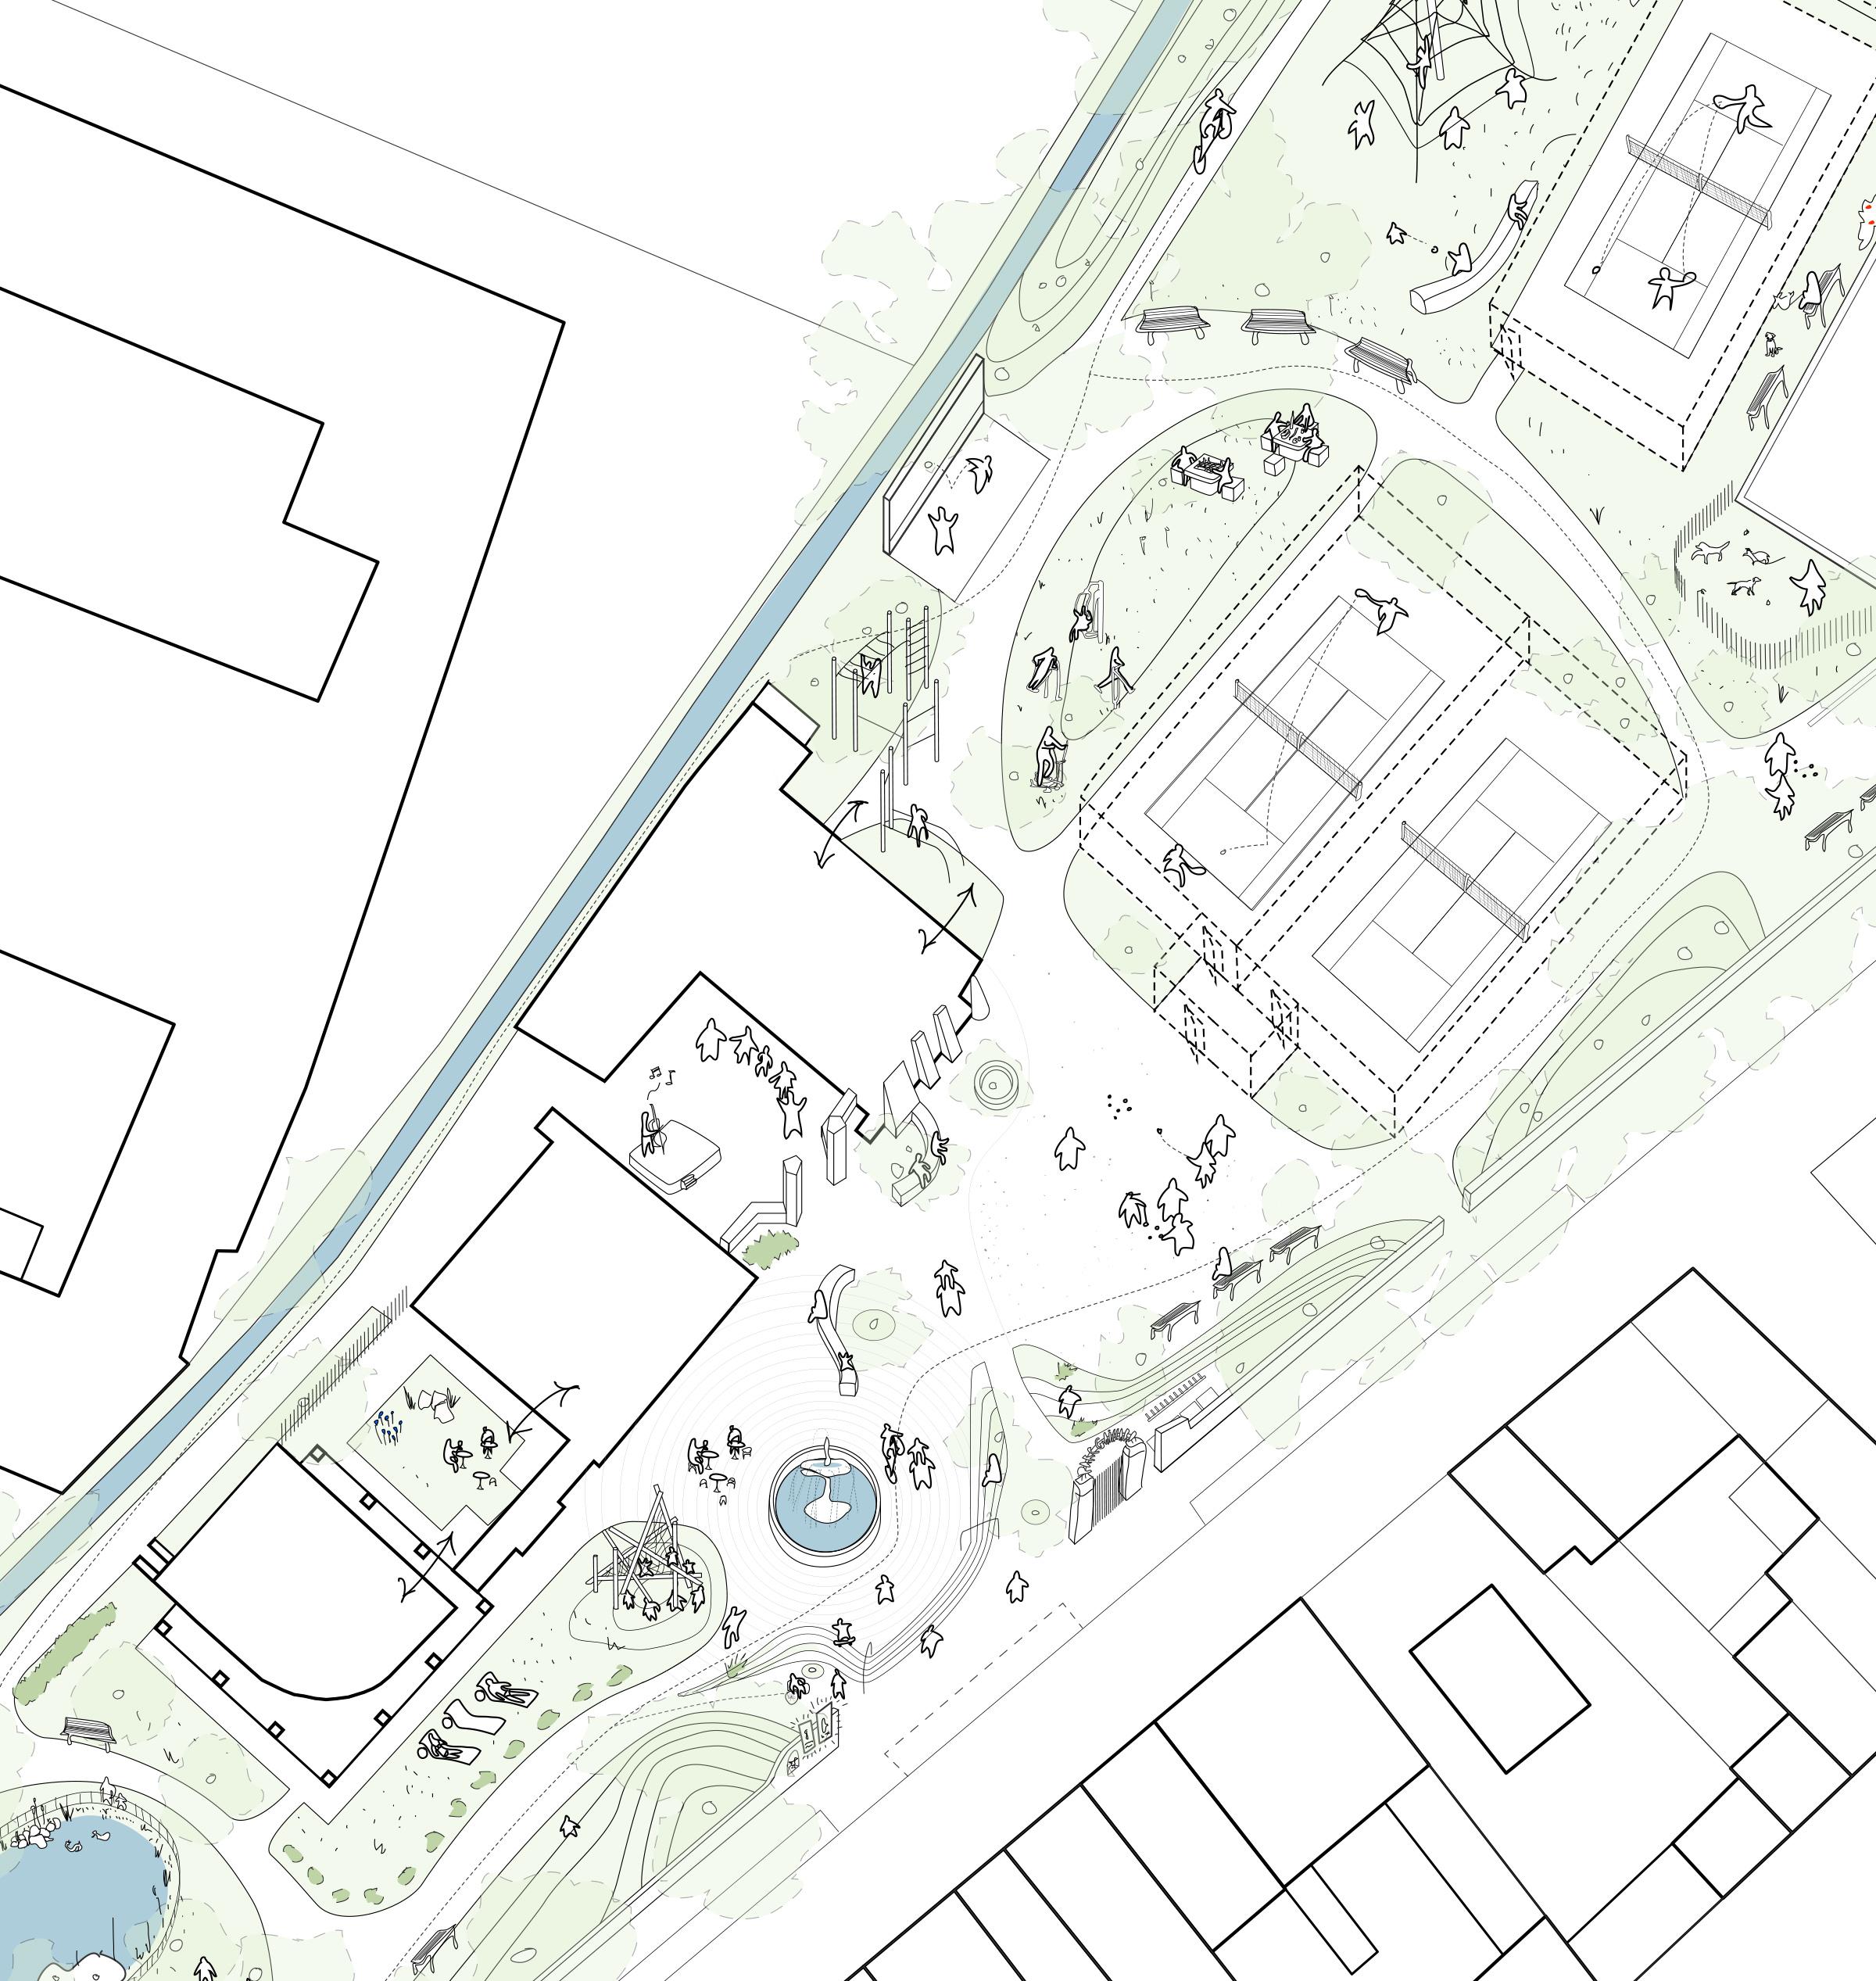 Masterplan del Parque de Loriol, Francia, desarrollado por el autor junto con el colectivo Bazar Urbain y De l'Aire. Foto del autor, 2015.